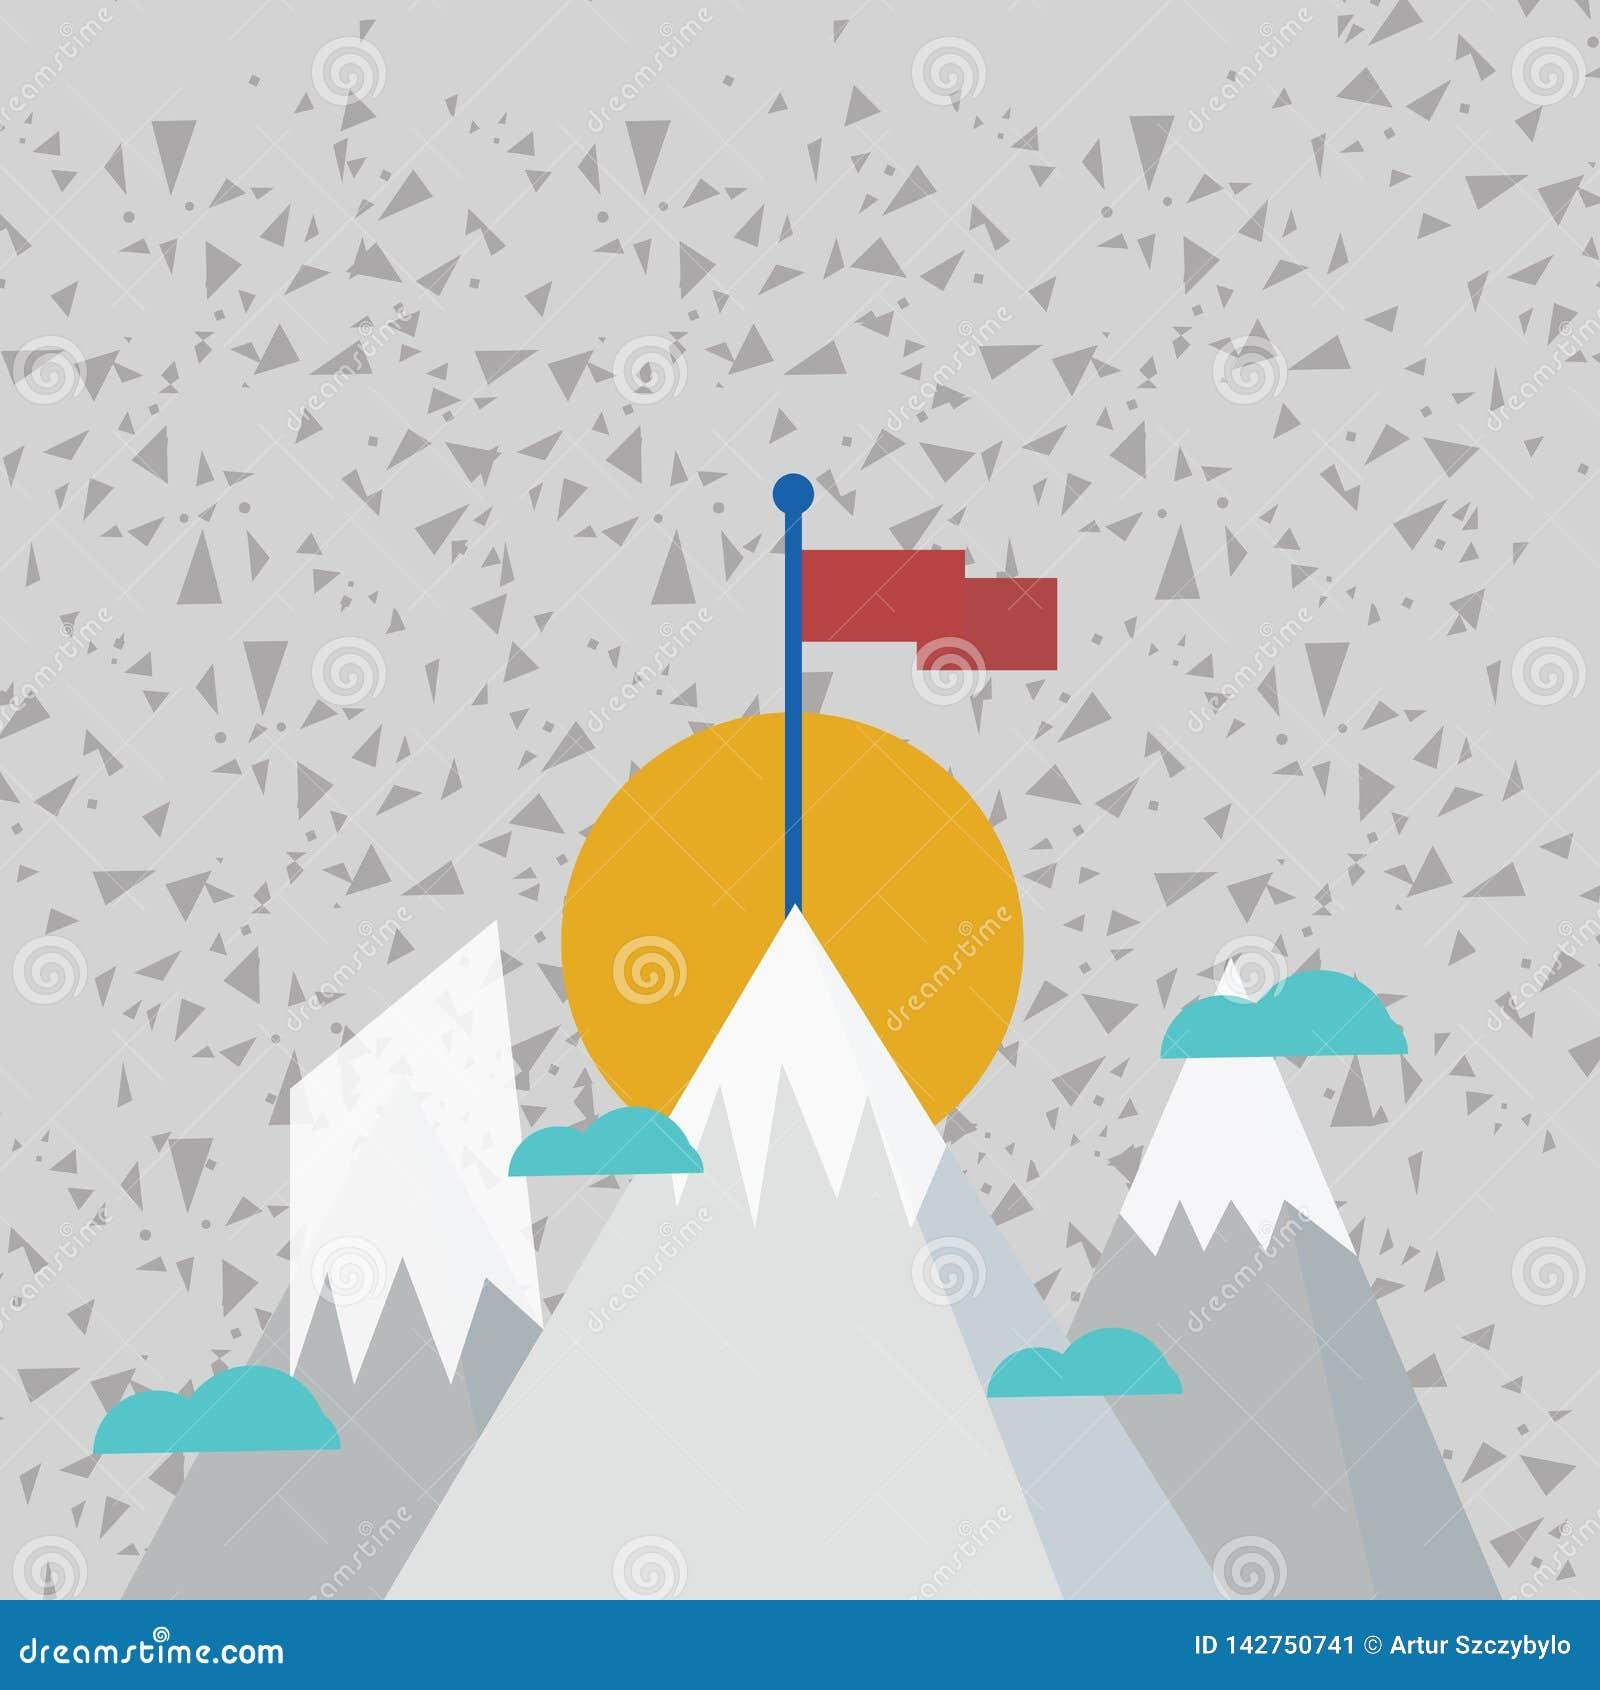 Drie Bergen met Sneeuw gaat voorbij de Kleine Wolken uit Men heeft Lege Kleurrijke Vlag die zich bij de Piek bevinden creatief